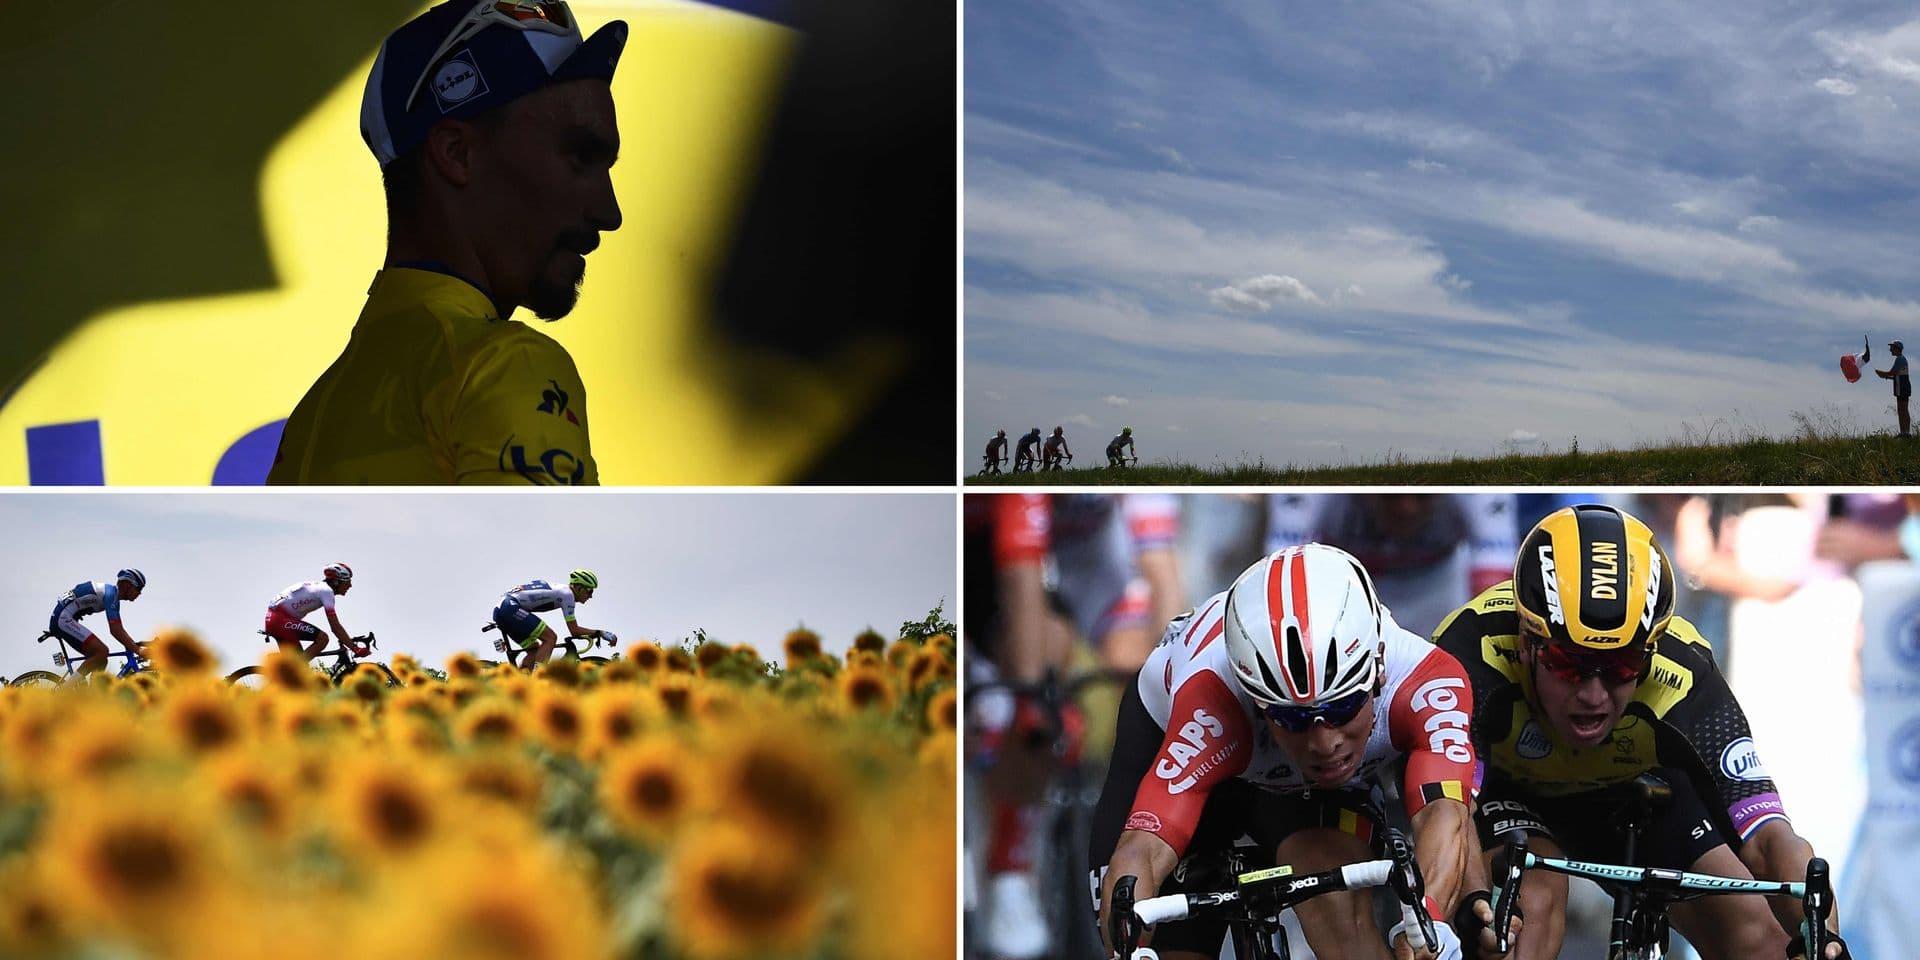 """Le carnet de bord de Kevin Van Melsen: """"L'étape la plus facile depuis le début du Tour"""""""